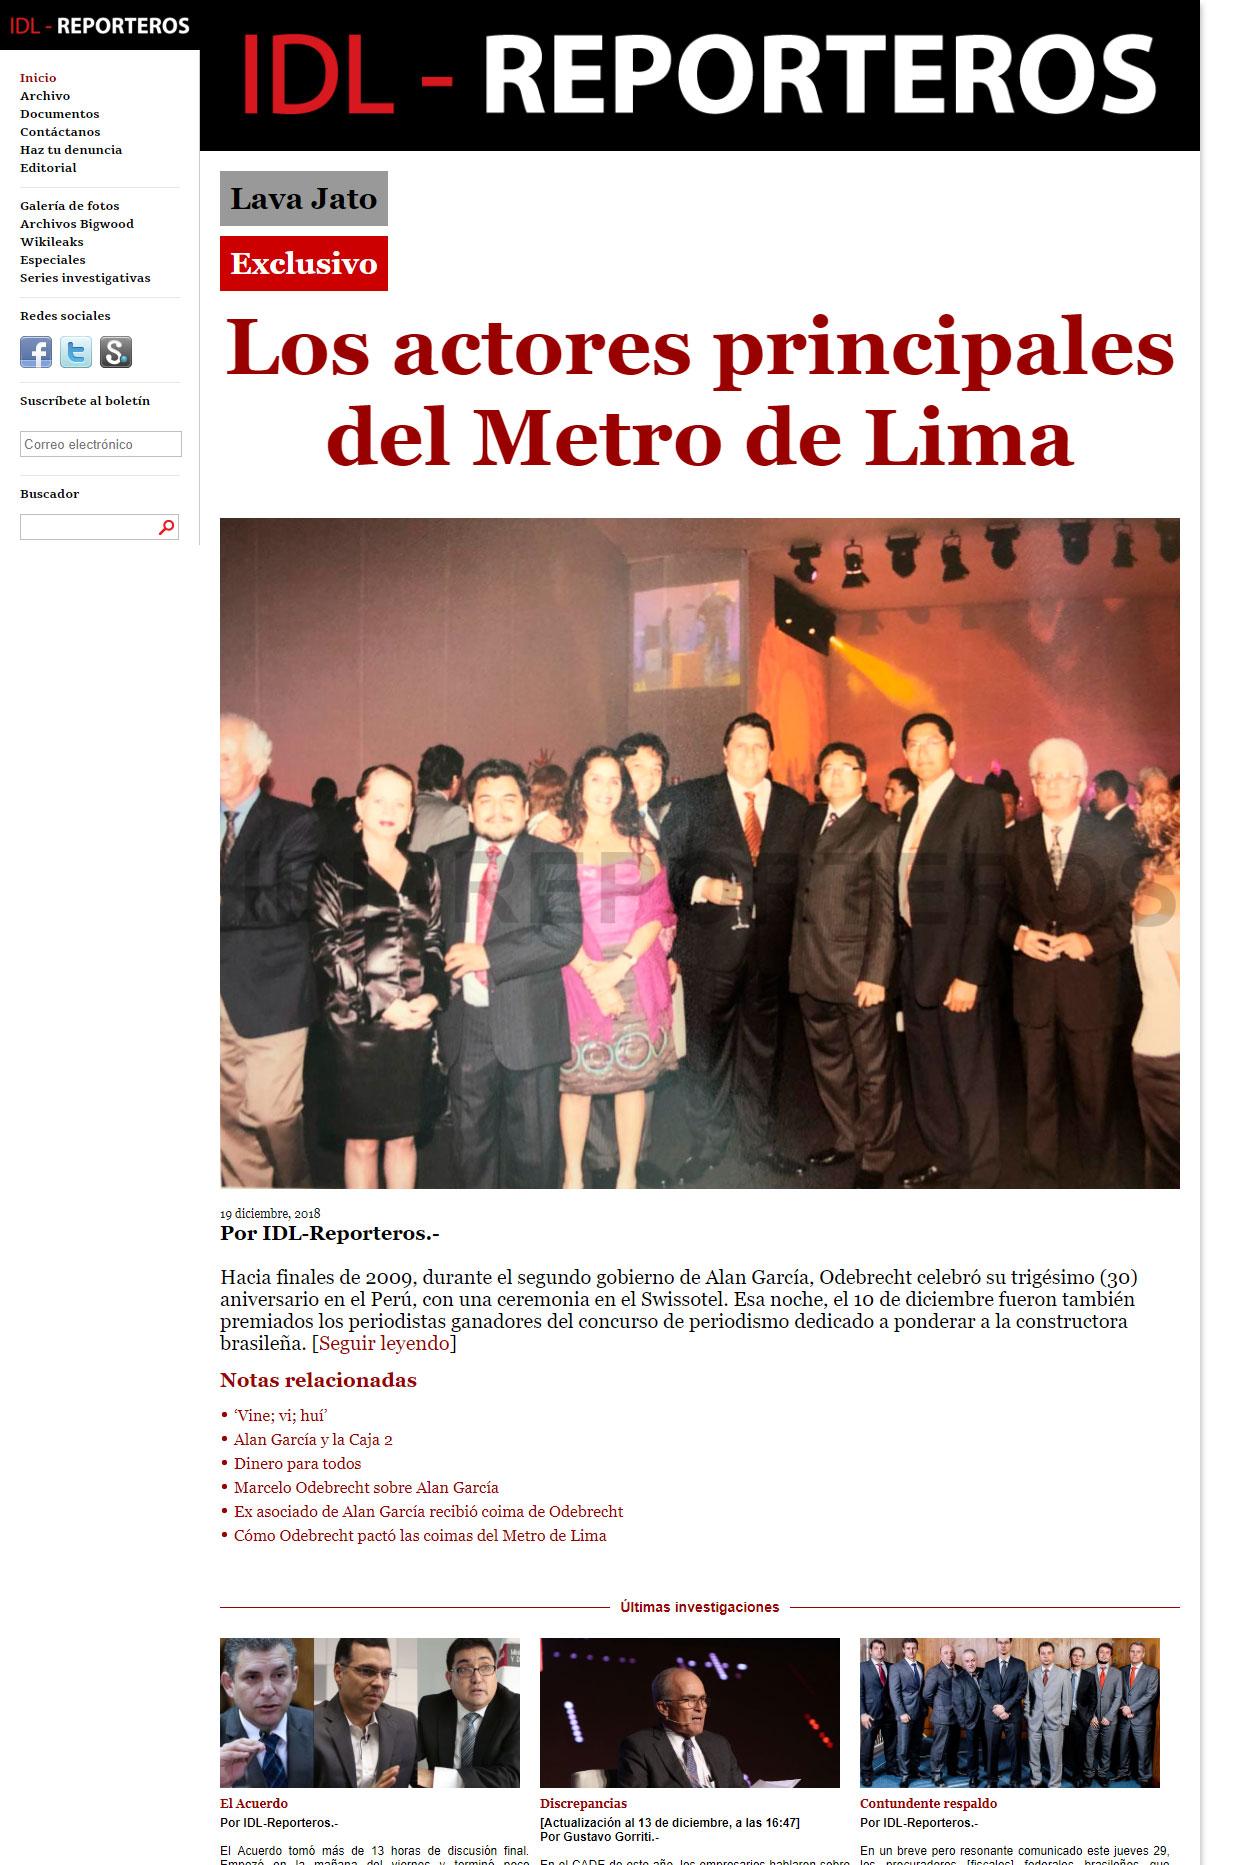 IDL - Reporteros